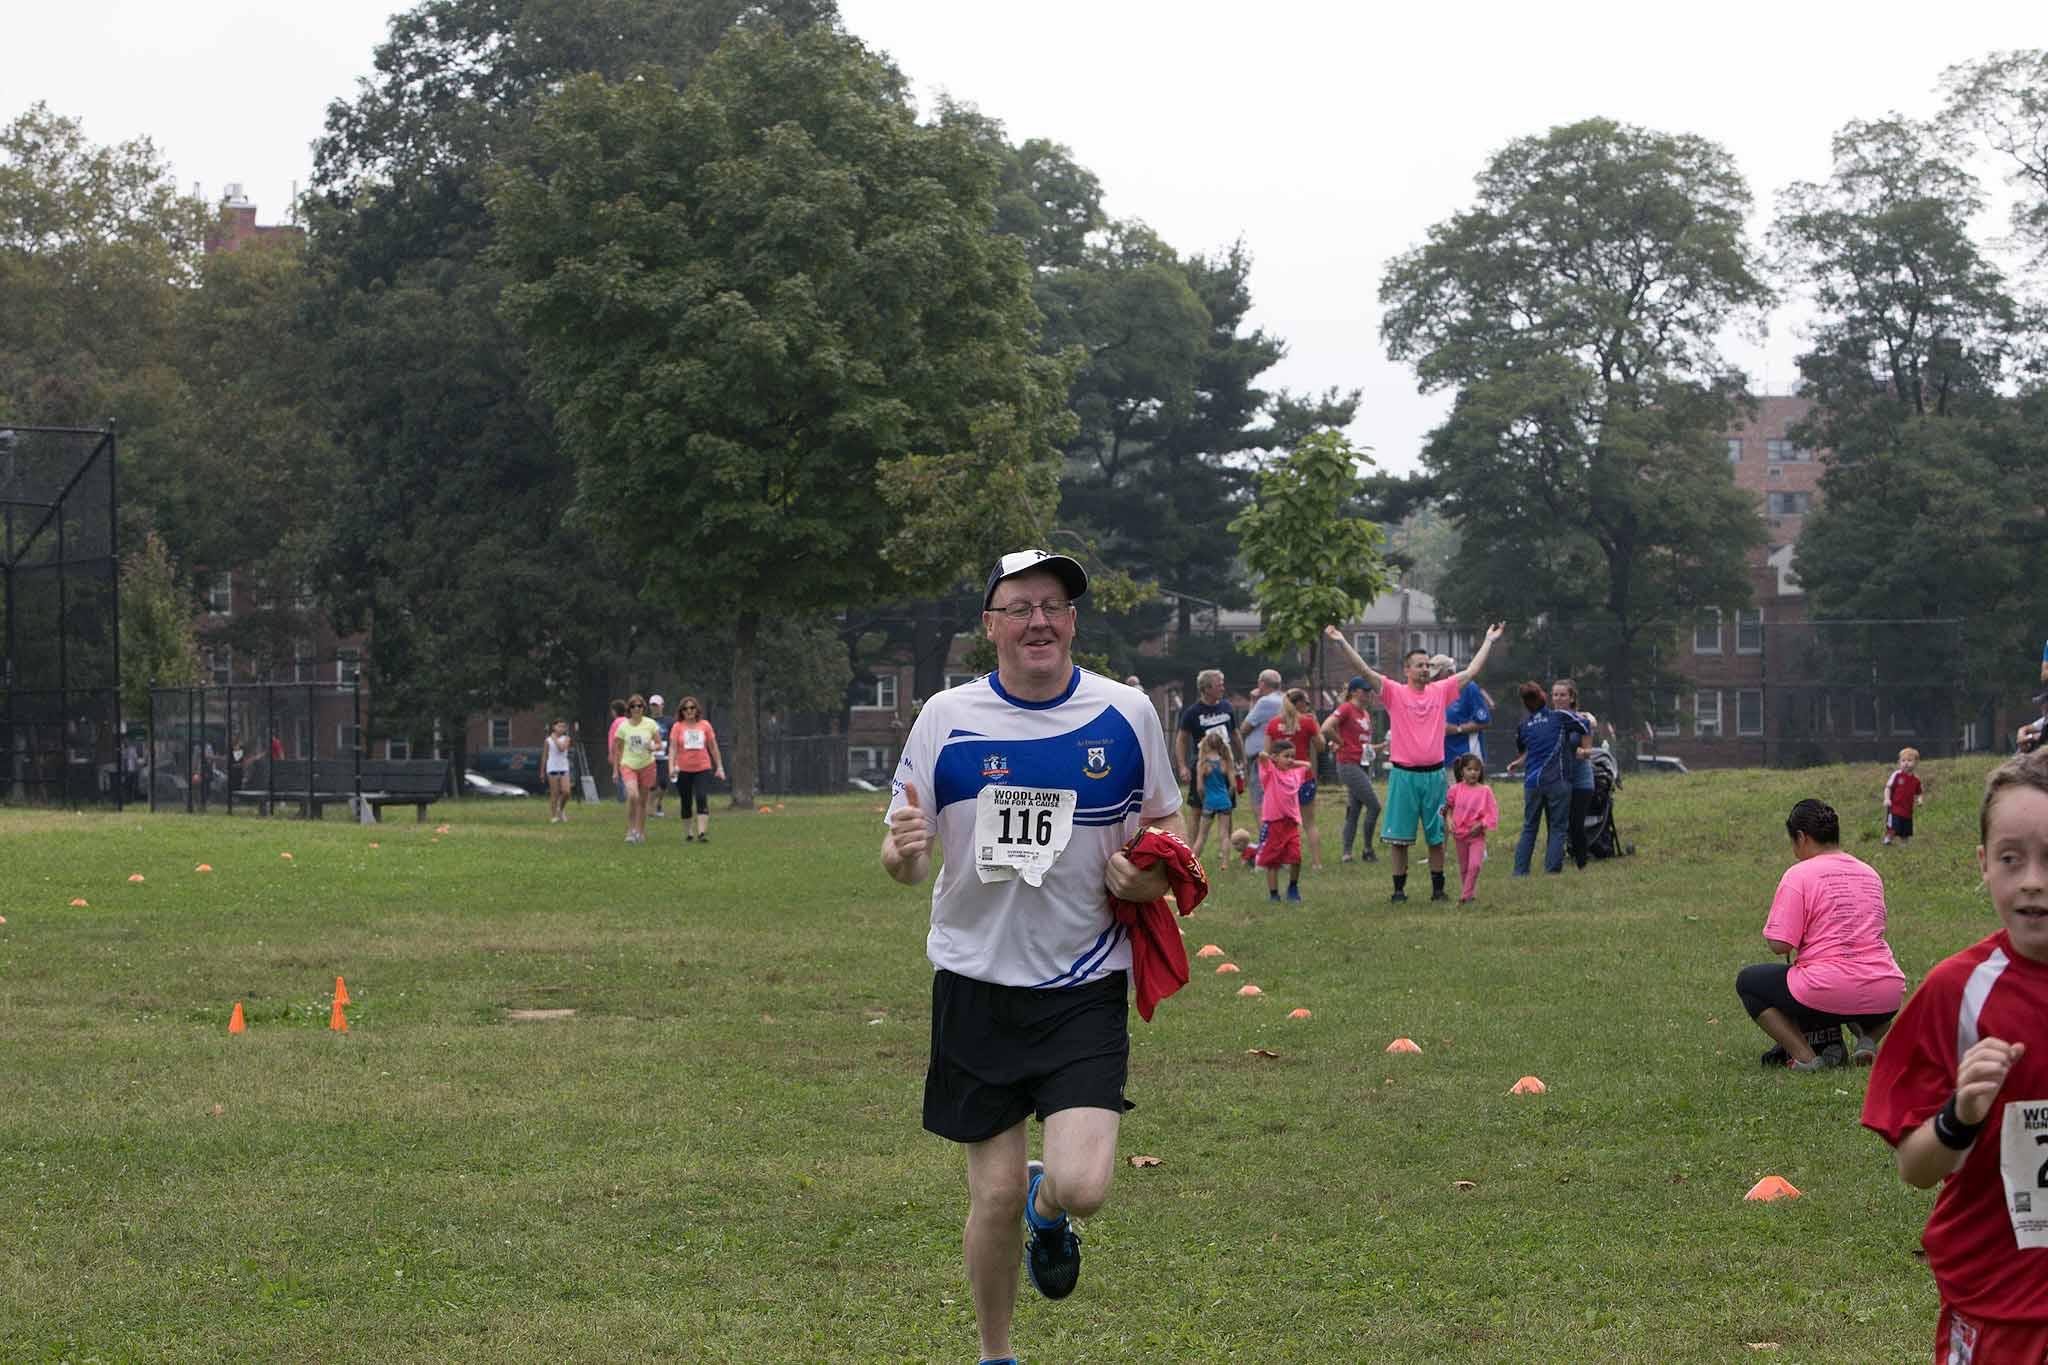 179-Woodlawn Run for a Cause-509.jpg